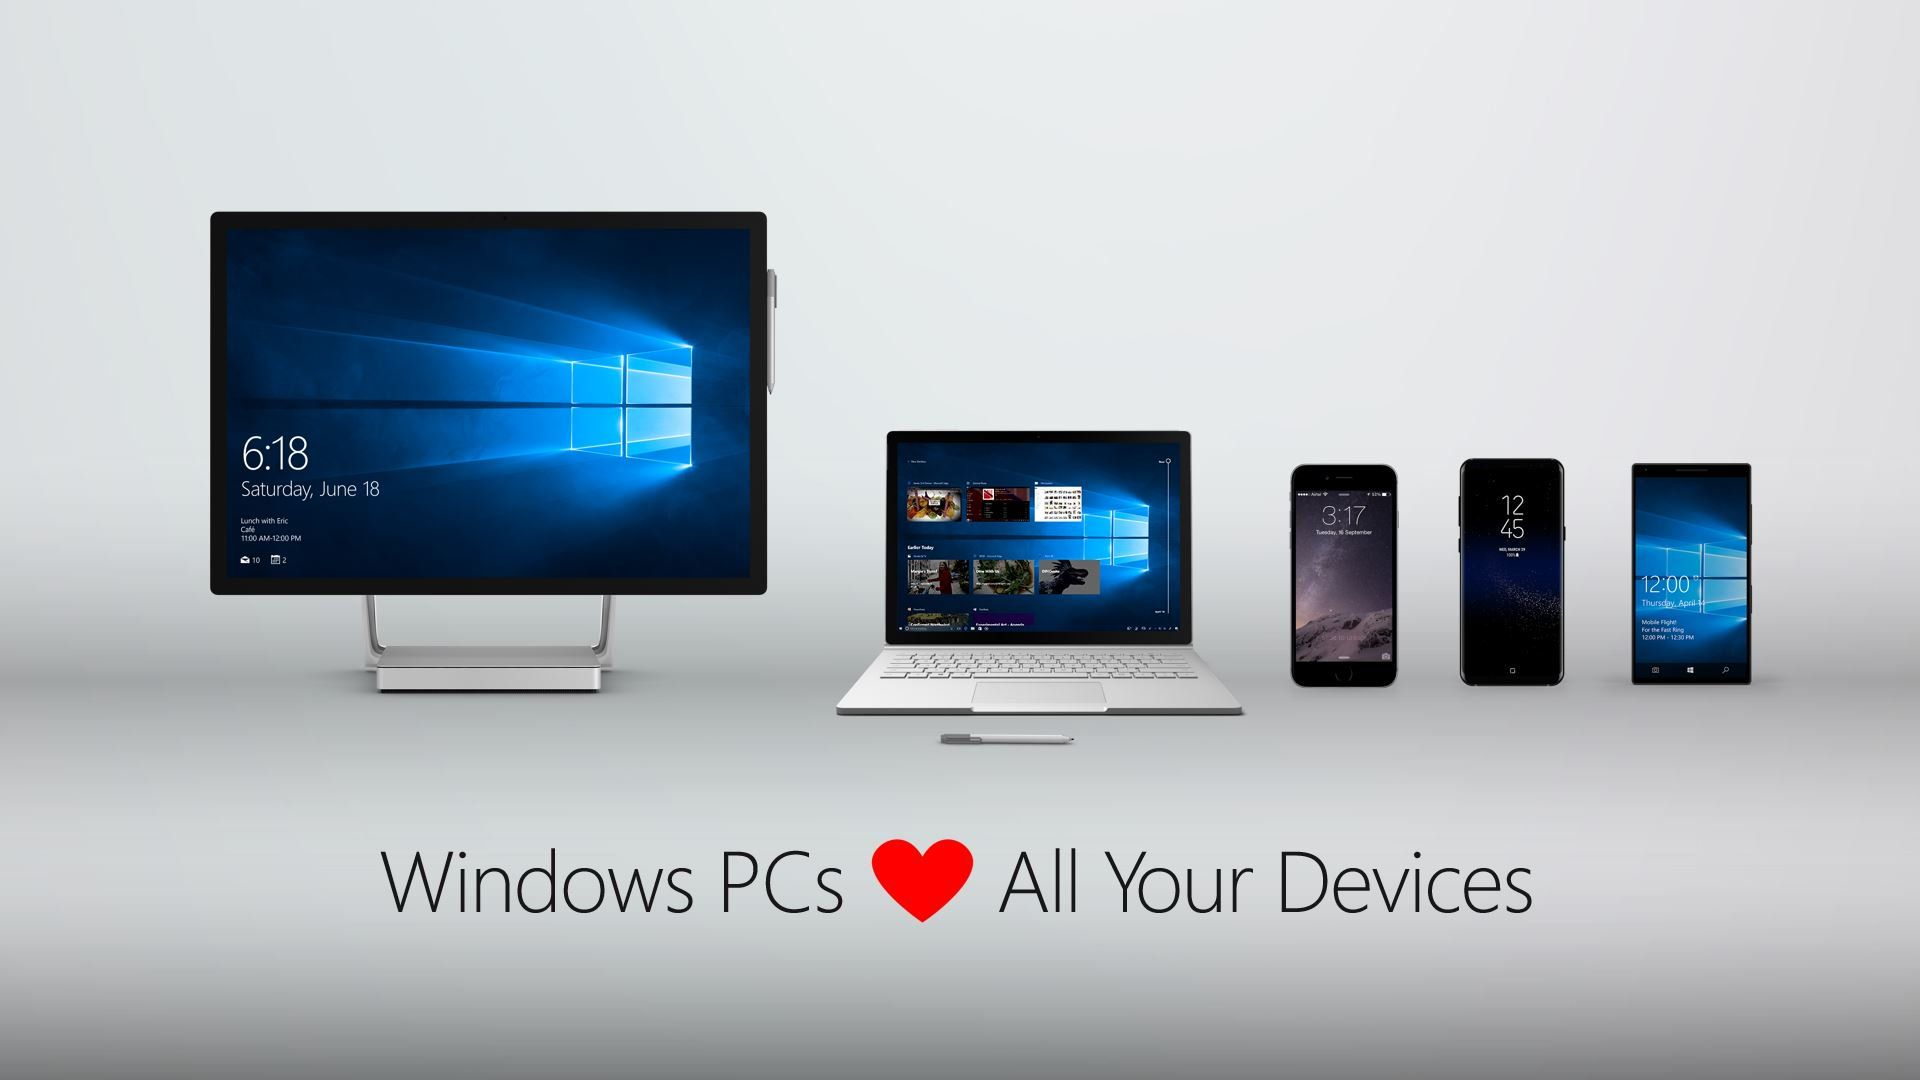 Microsoft mise sur Android et iOS pour la prochaine version de Windows 10 - http://www.frandroid.com/marques/microsoft/426649_microsoft-mise-sur-android-et-ios-pour-la-prochaine-version-de-windows-10  #Android, #Microsoft, #Smartphones, #Tablettes